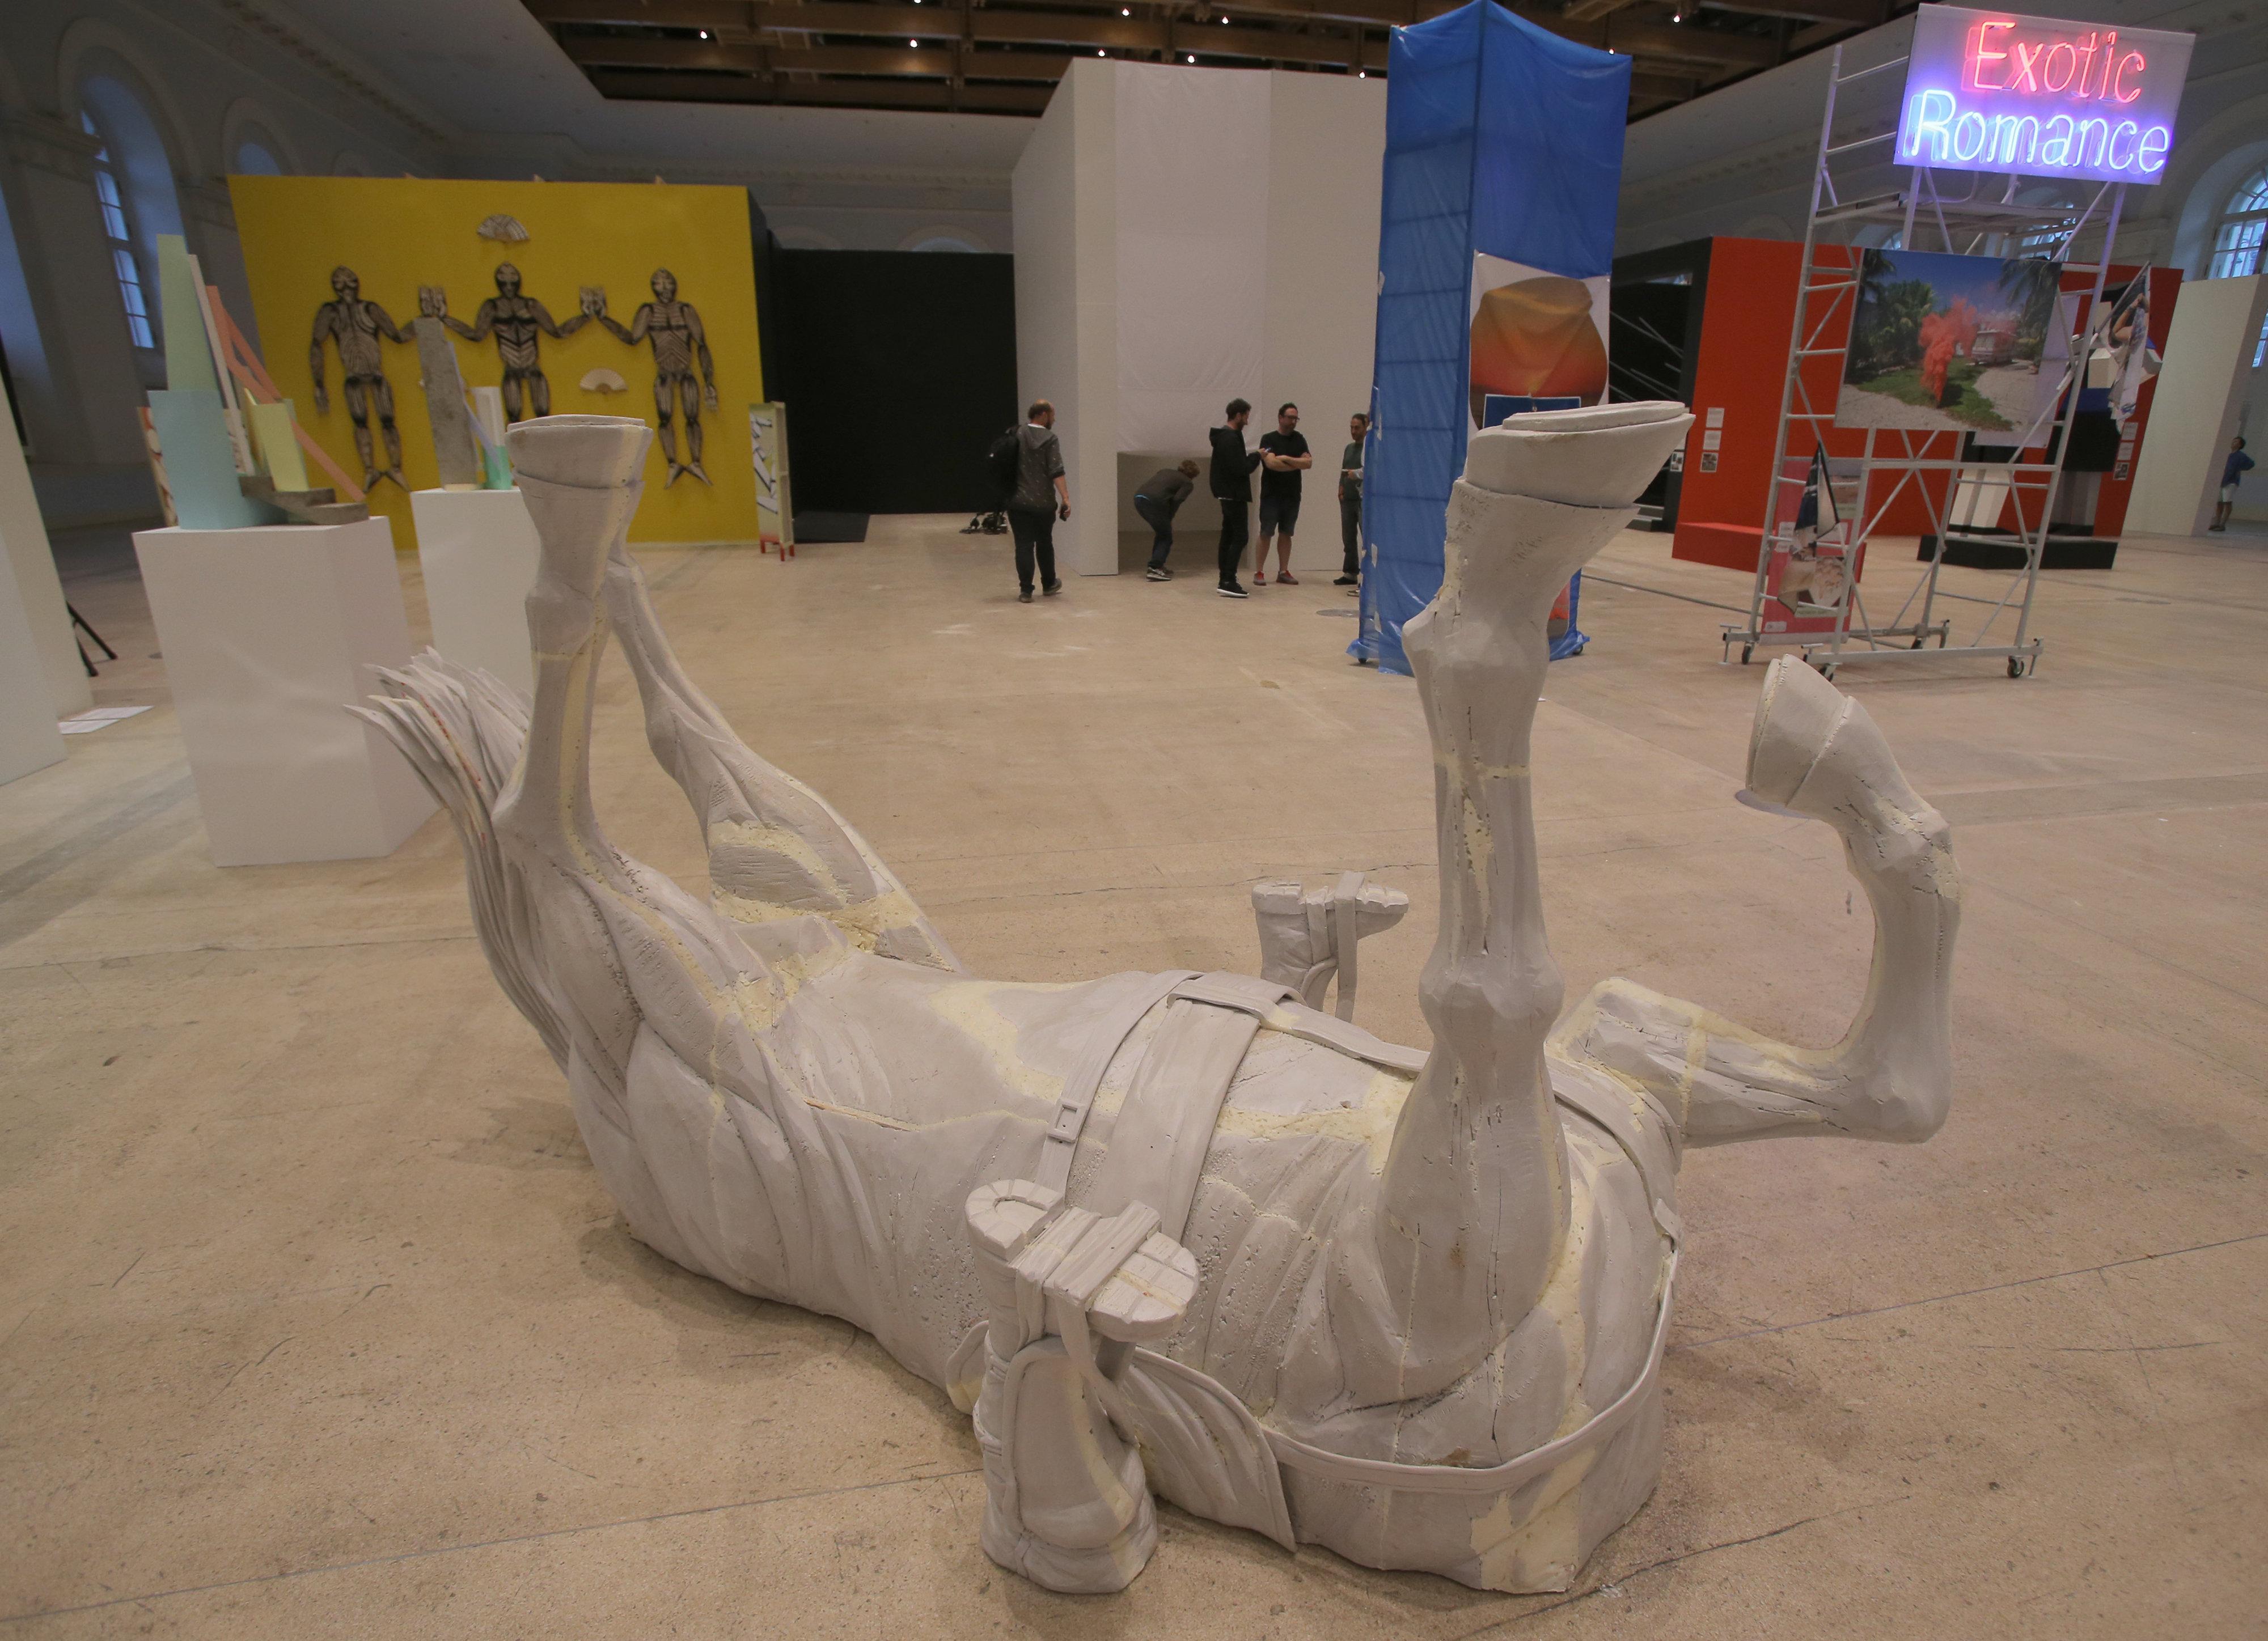 Franco Fasoli, cuyo nombre artístico es Jaz, es otro artista argentino presente en la Bienal